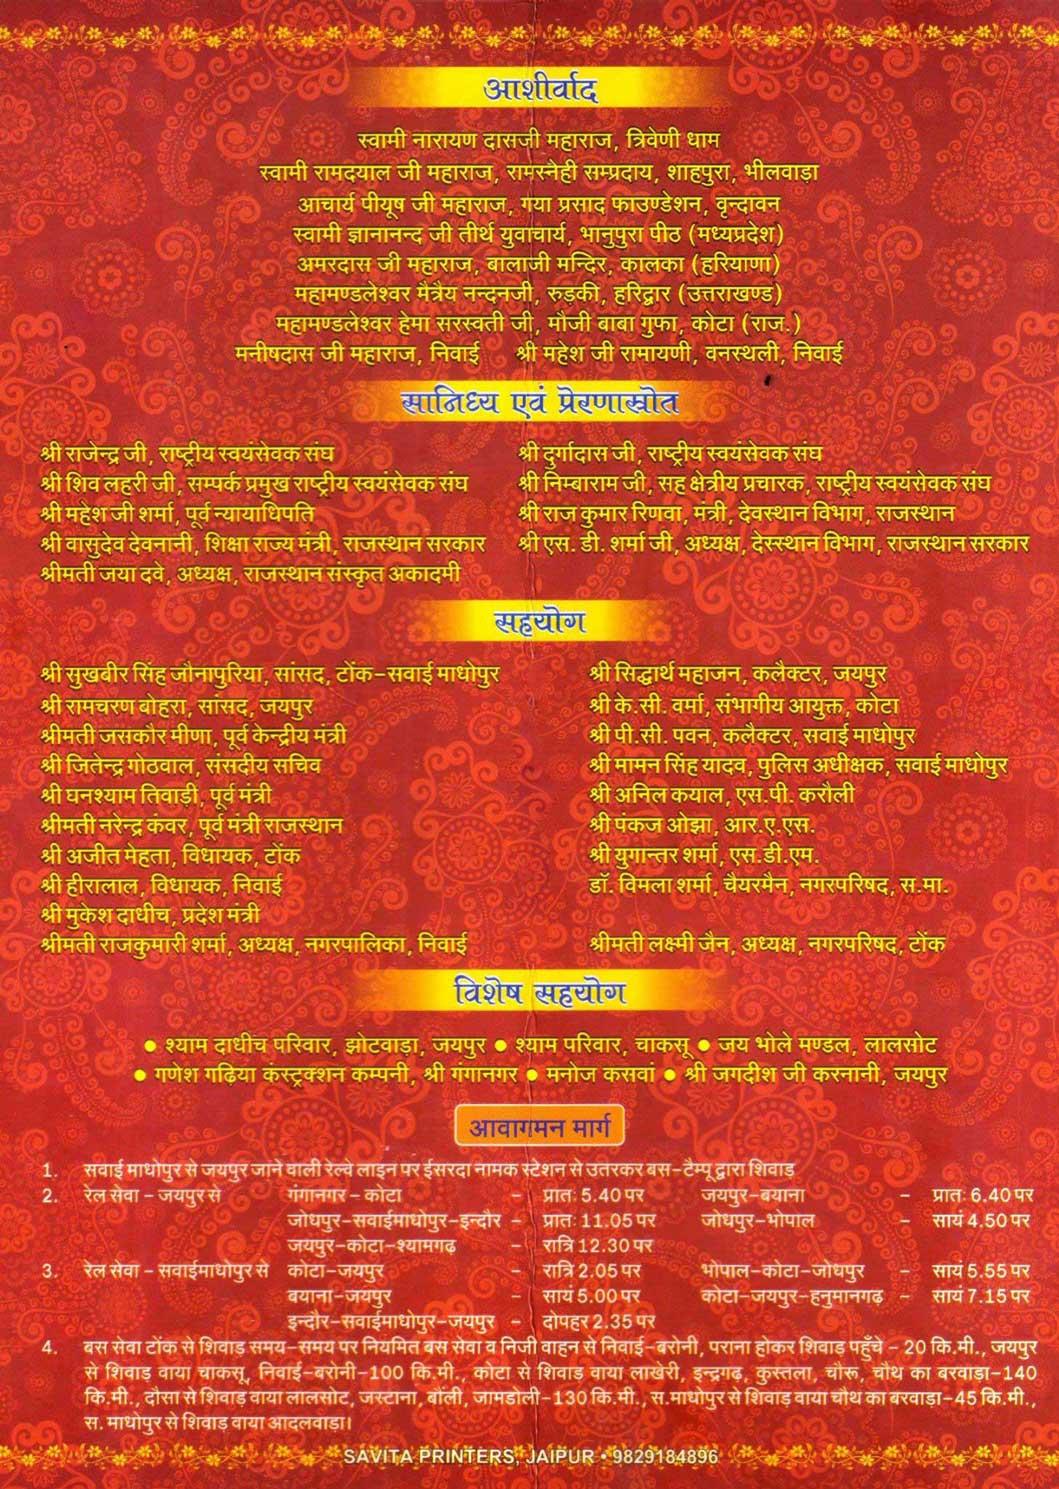 Invitation-inner-shravan-mahotsav-2018